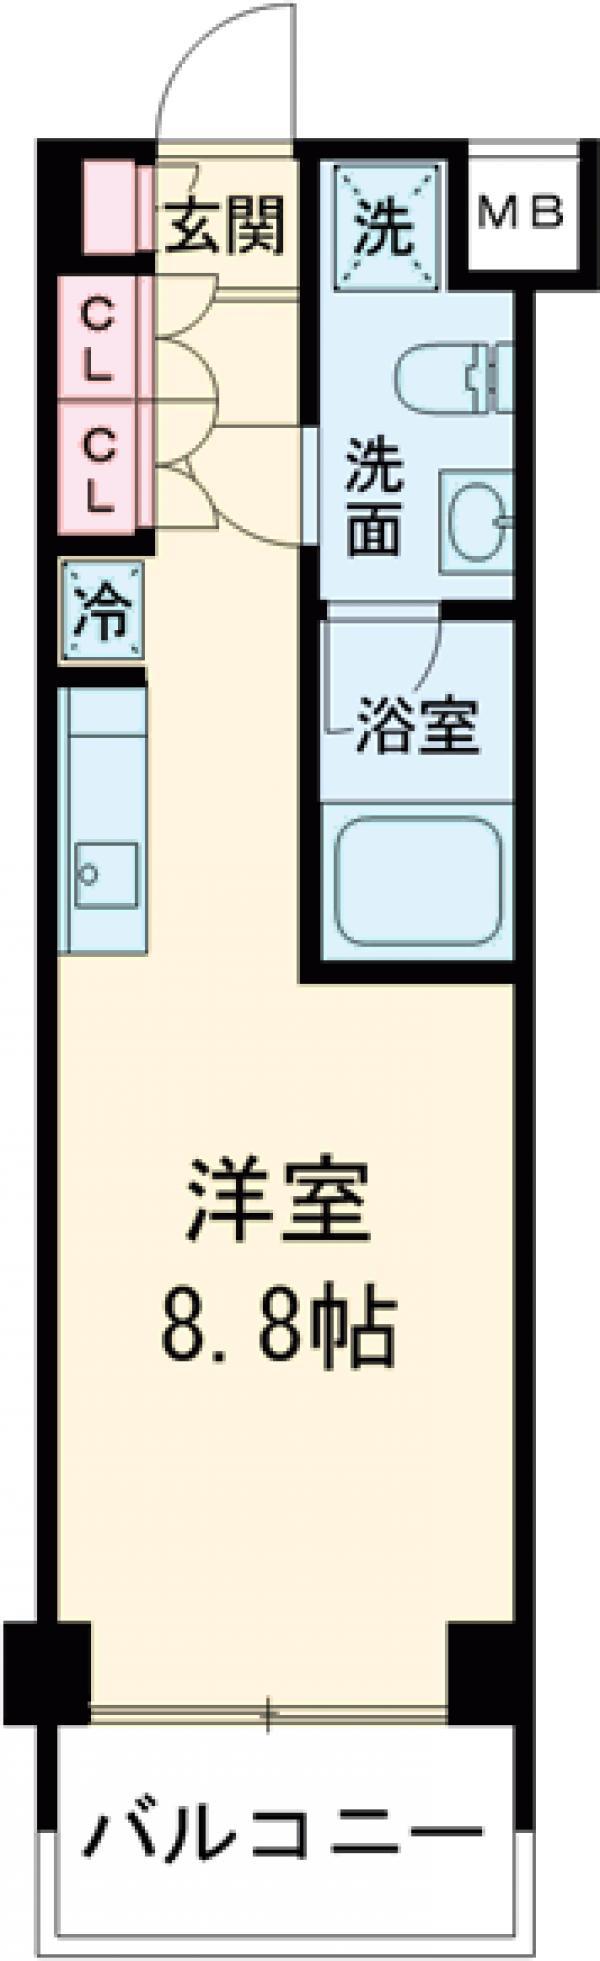 イプセ蒲田WEST・314号室の間取り